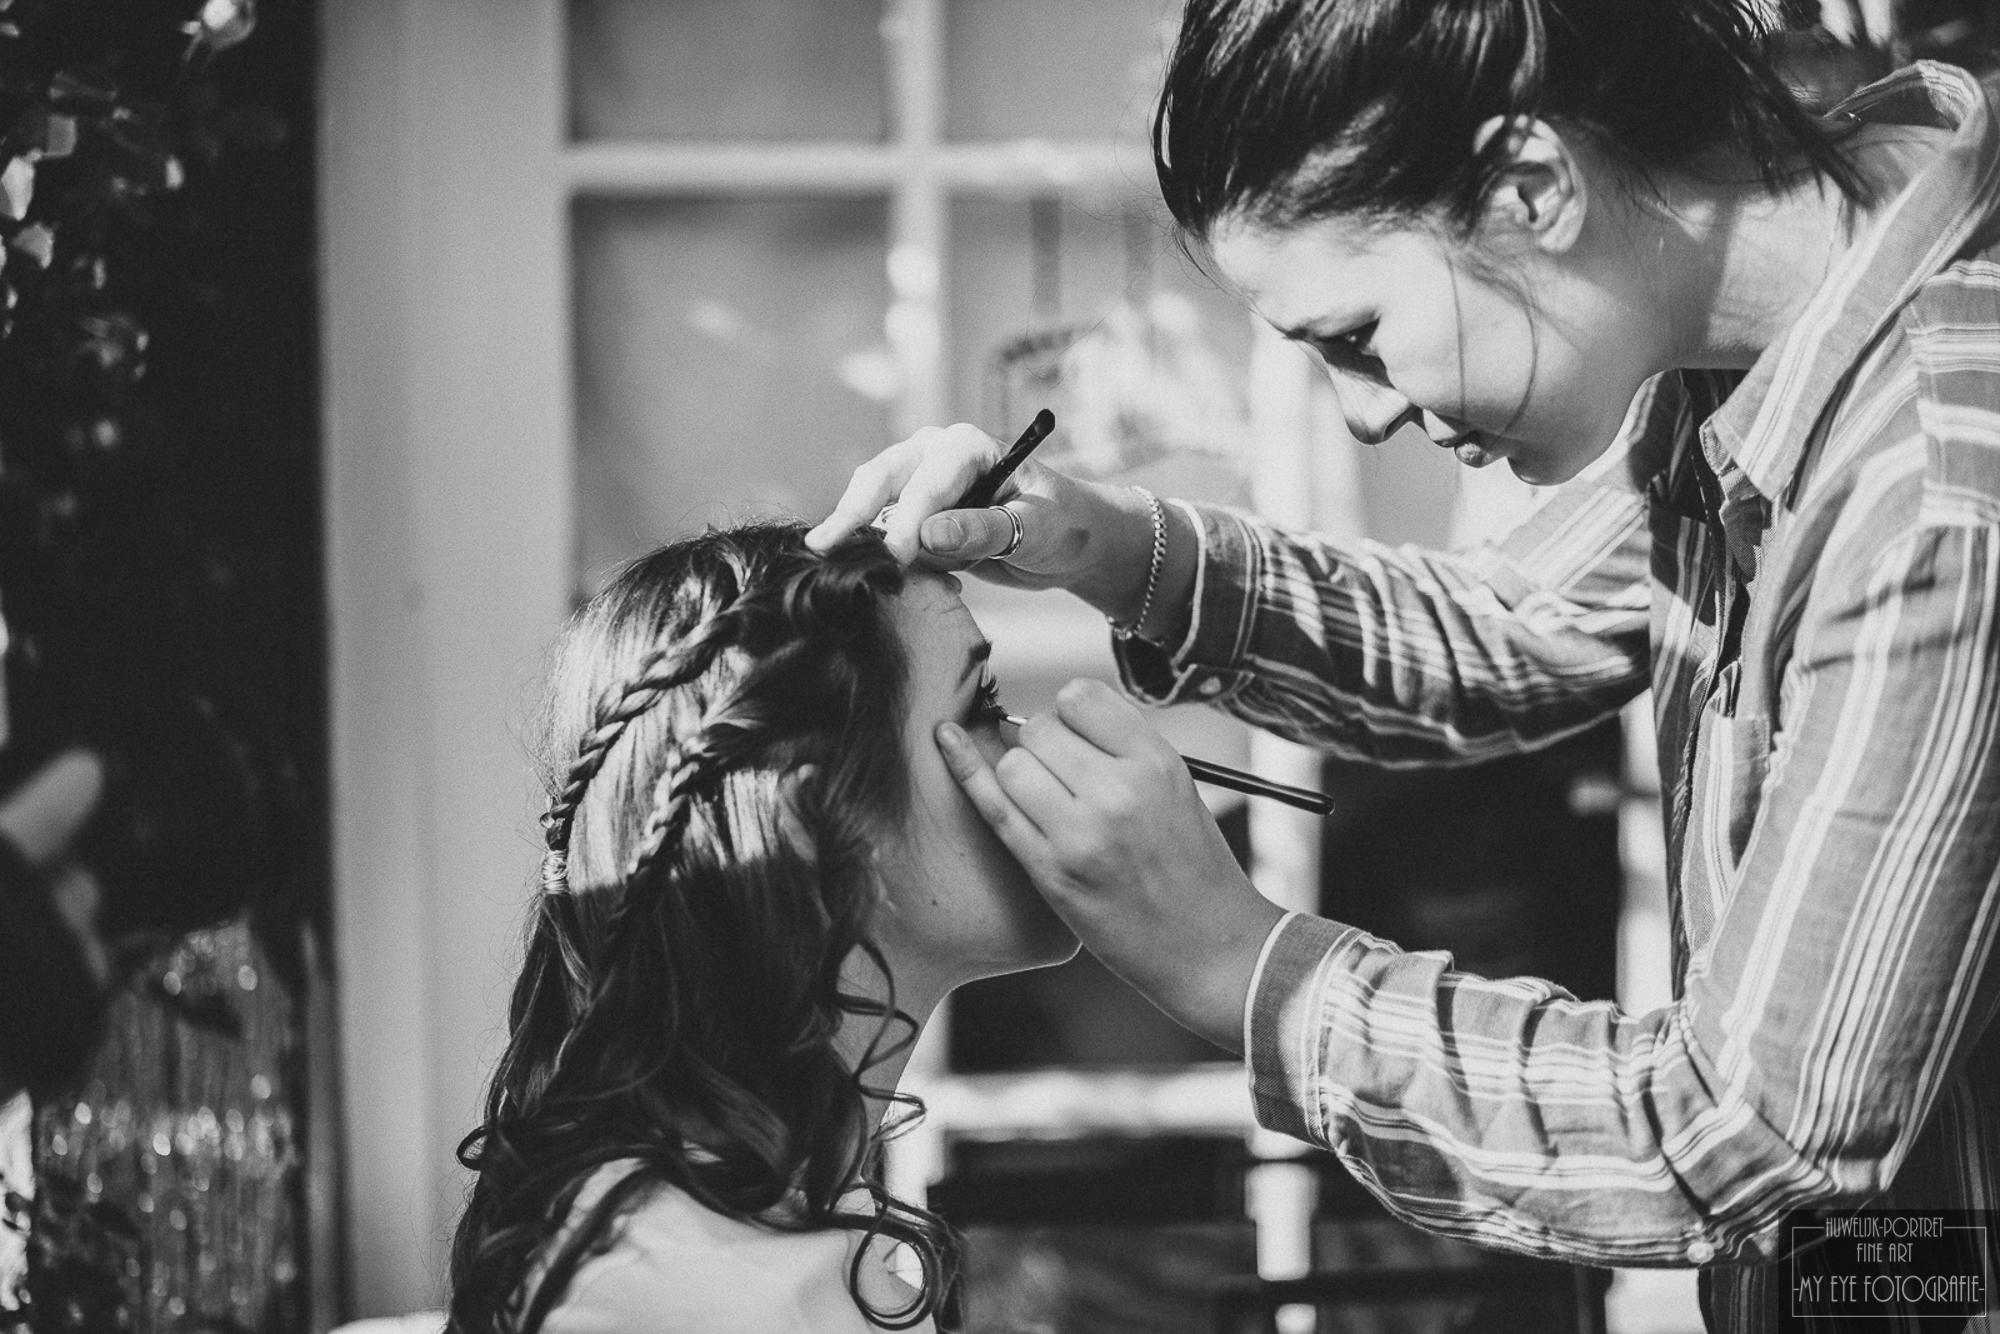 Bruid wordt opgemaakt. Foto My Eye Fotografie